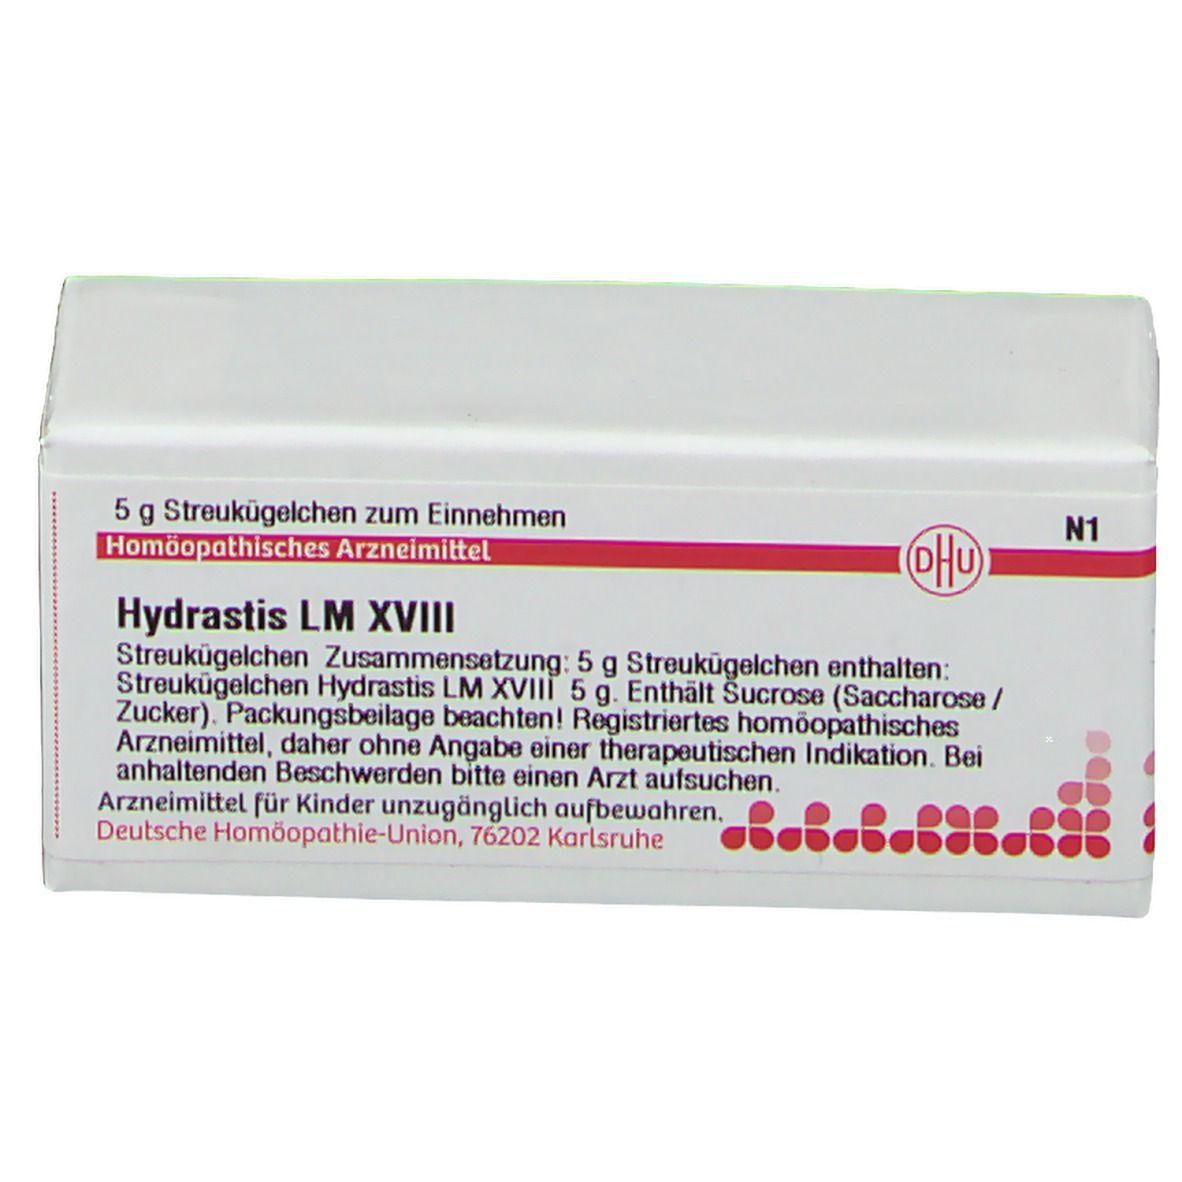 DHU Hydrastis LM XVIII